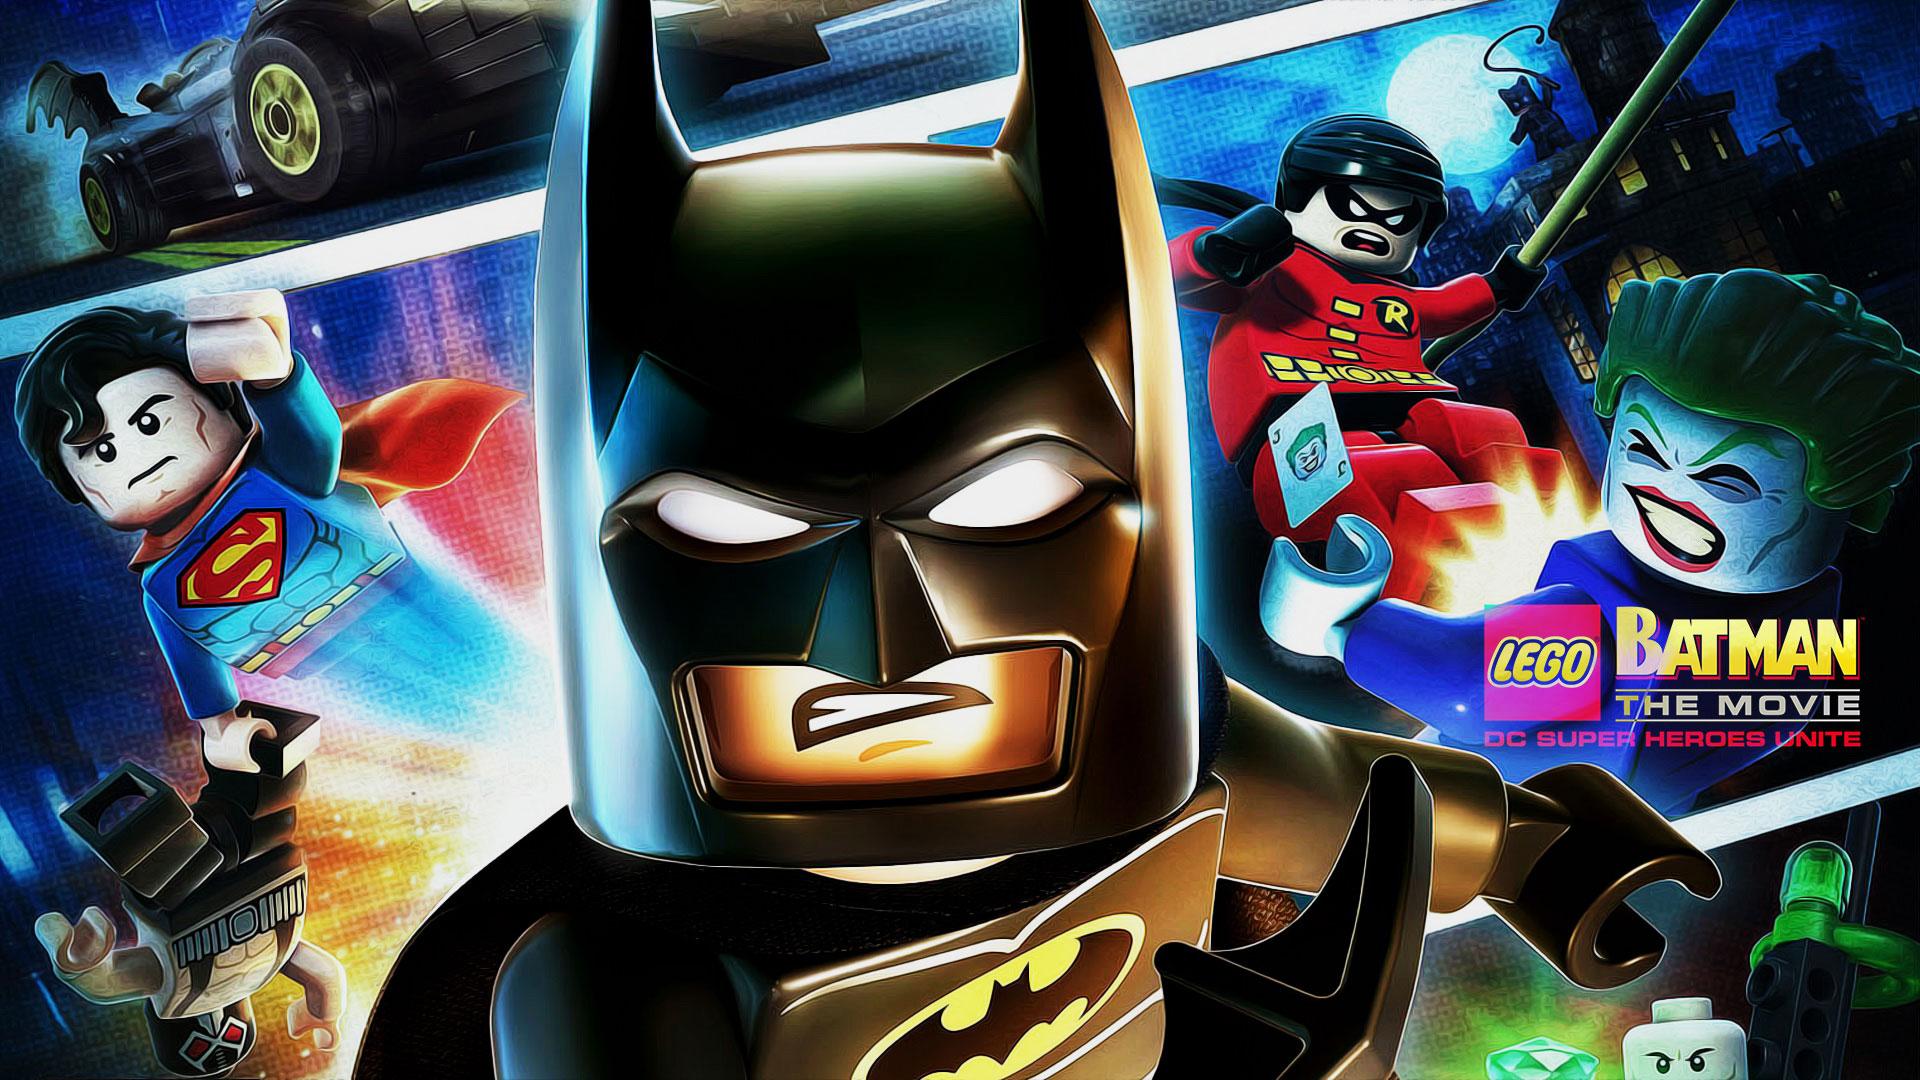 The Lego Batman Movie Wallpaper - Lego Batman Dc Super Heroes 2 , HD Wallpaper & Backgrounds